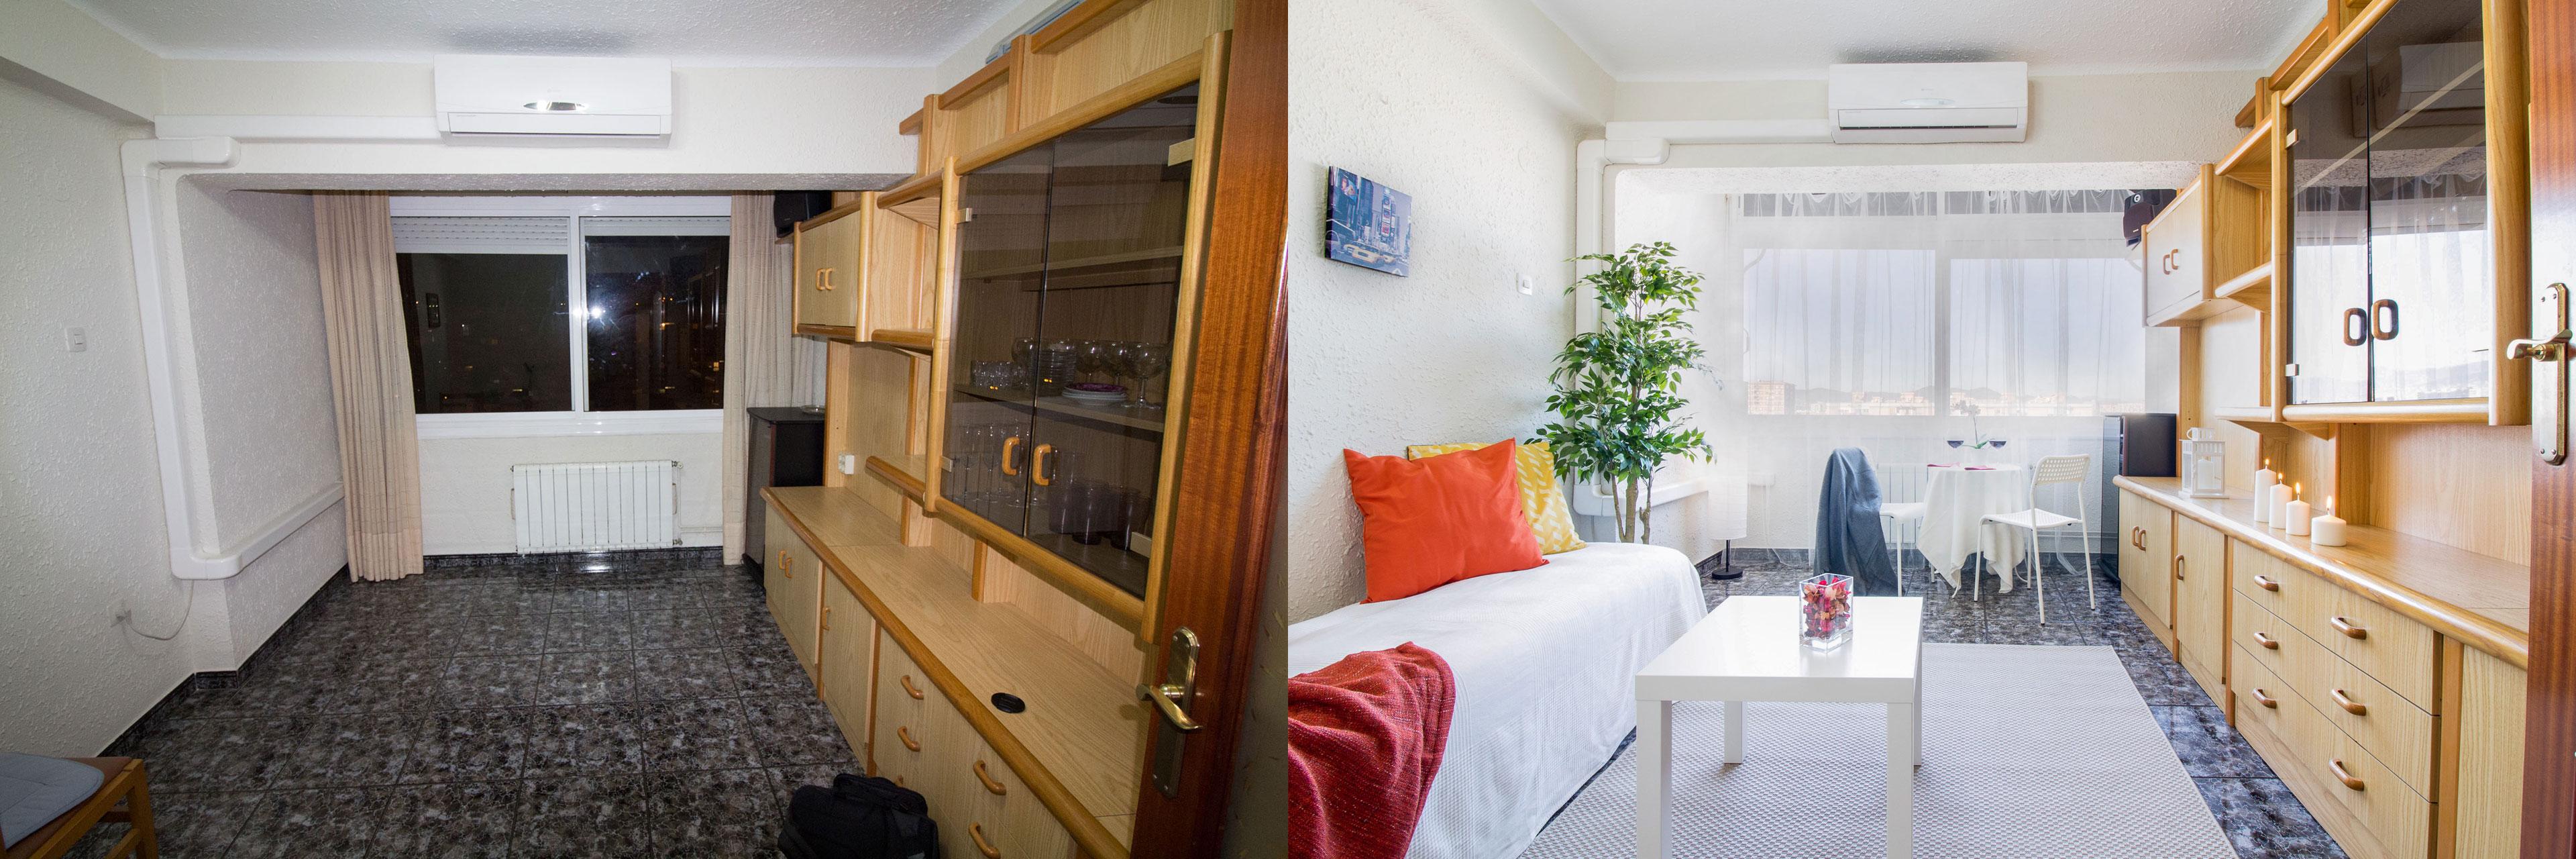 Projecte a rambla prim barcelona impuls home staging - Barcelona home staging ...